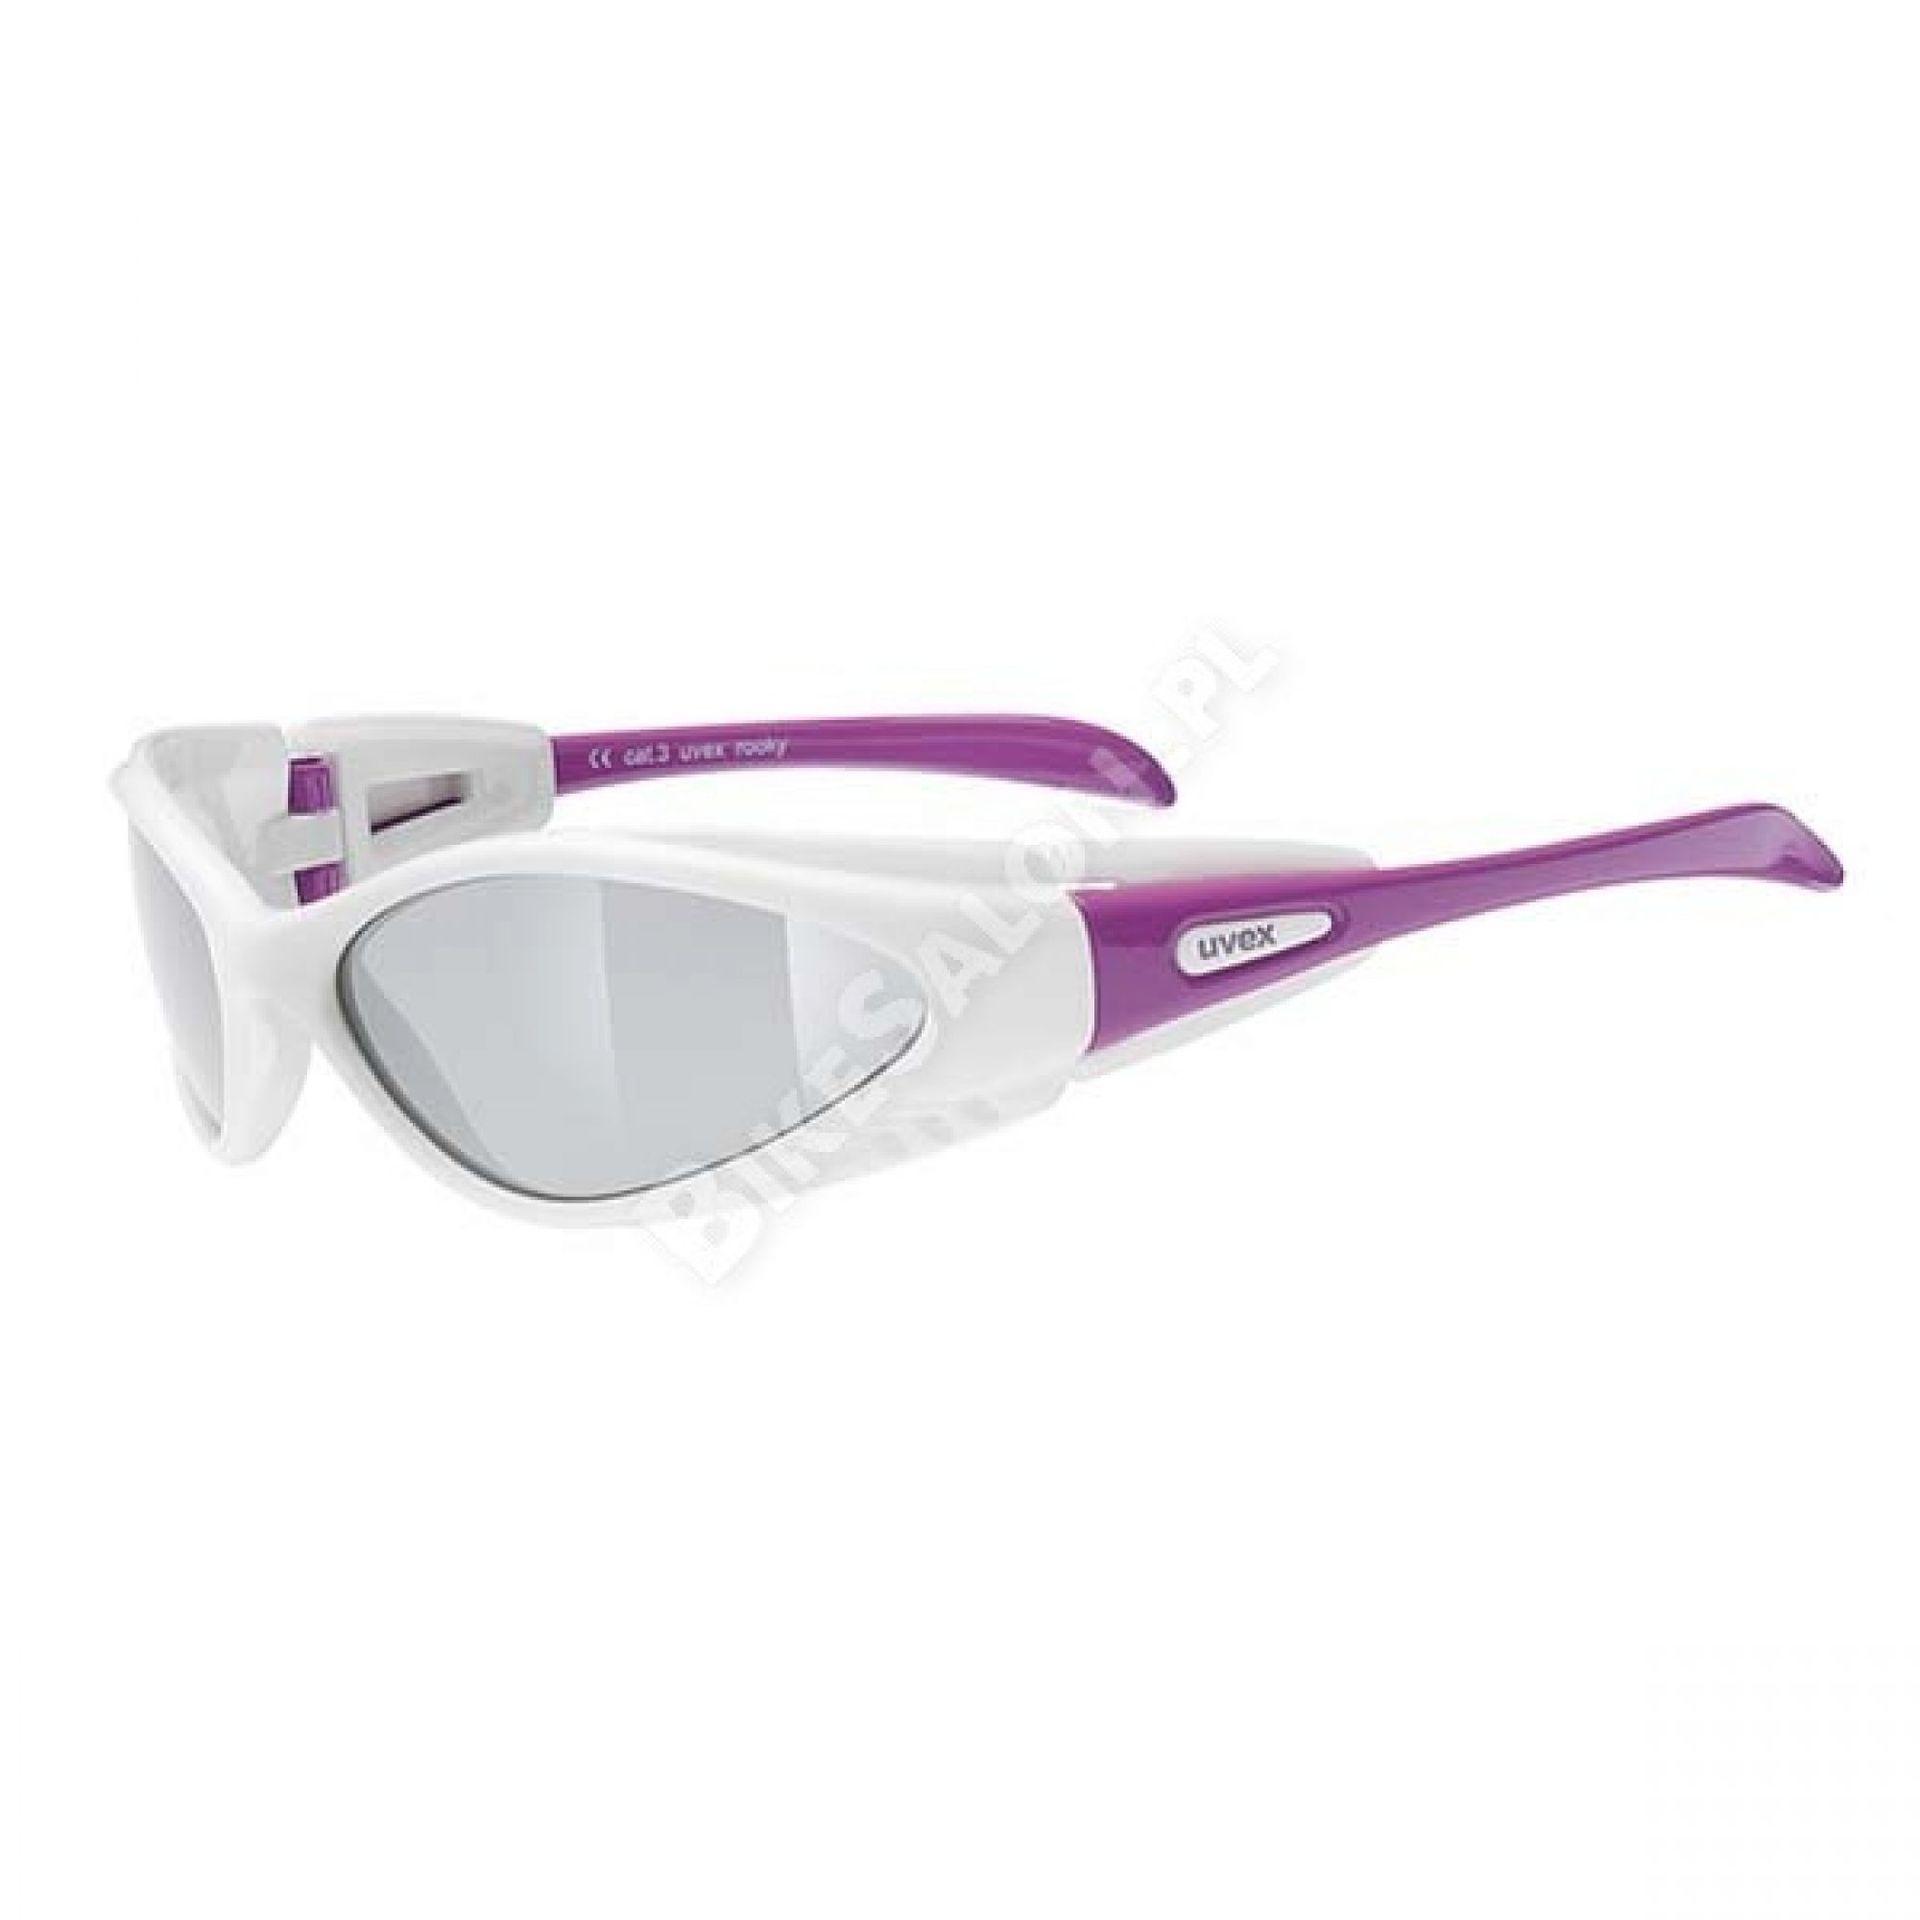 Okulary Uvex Rooky